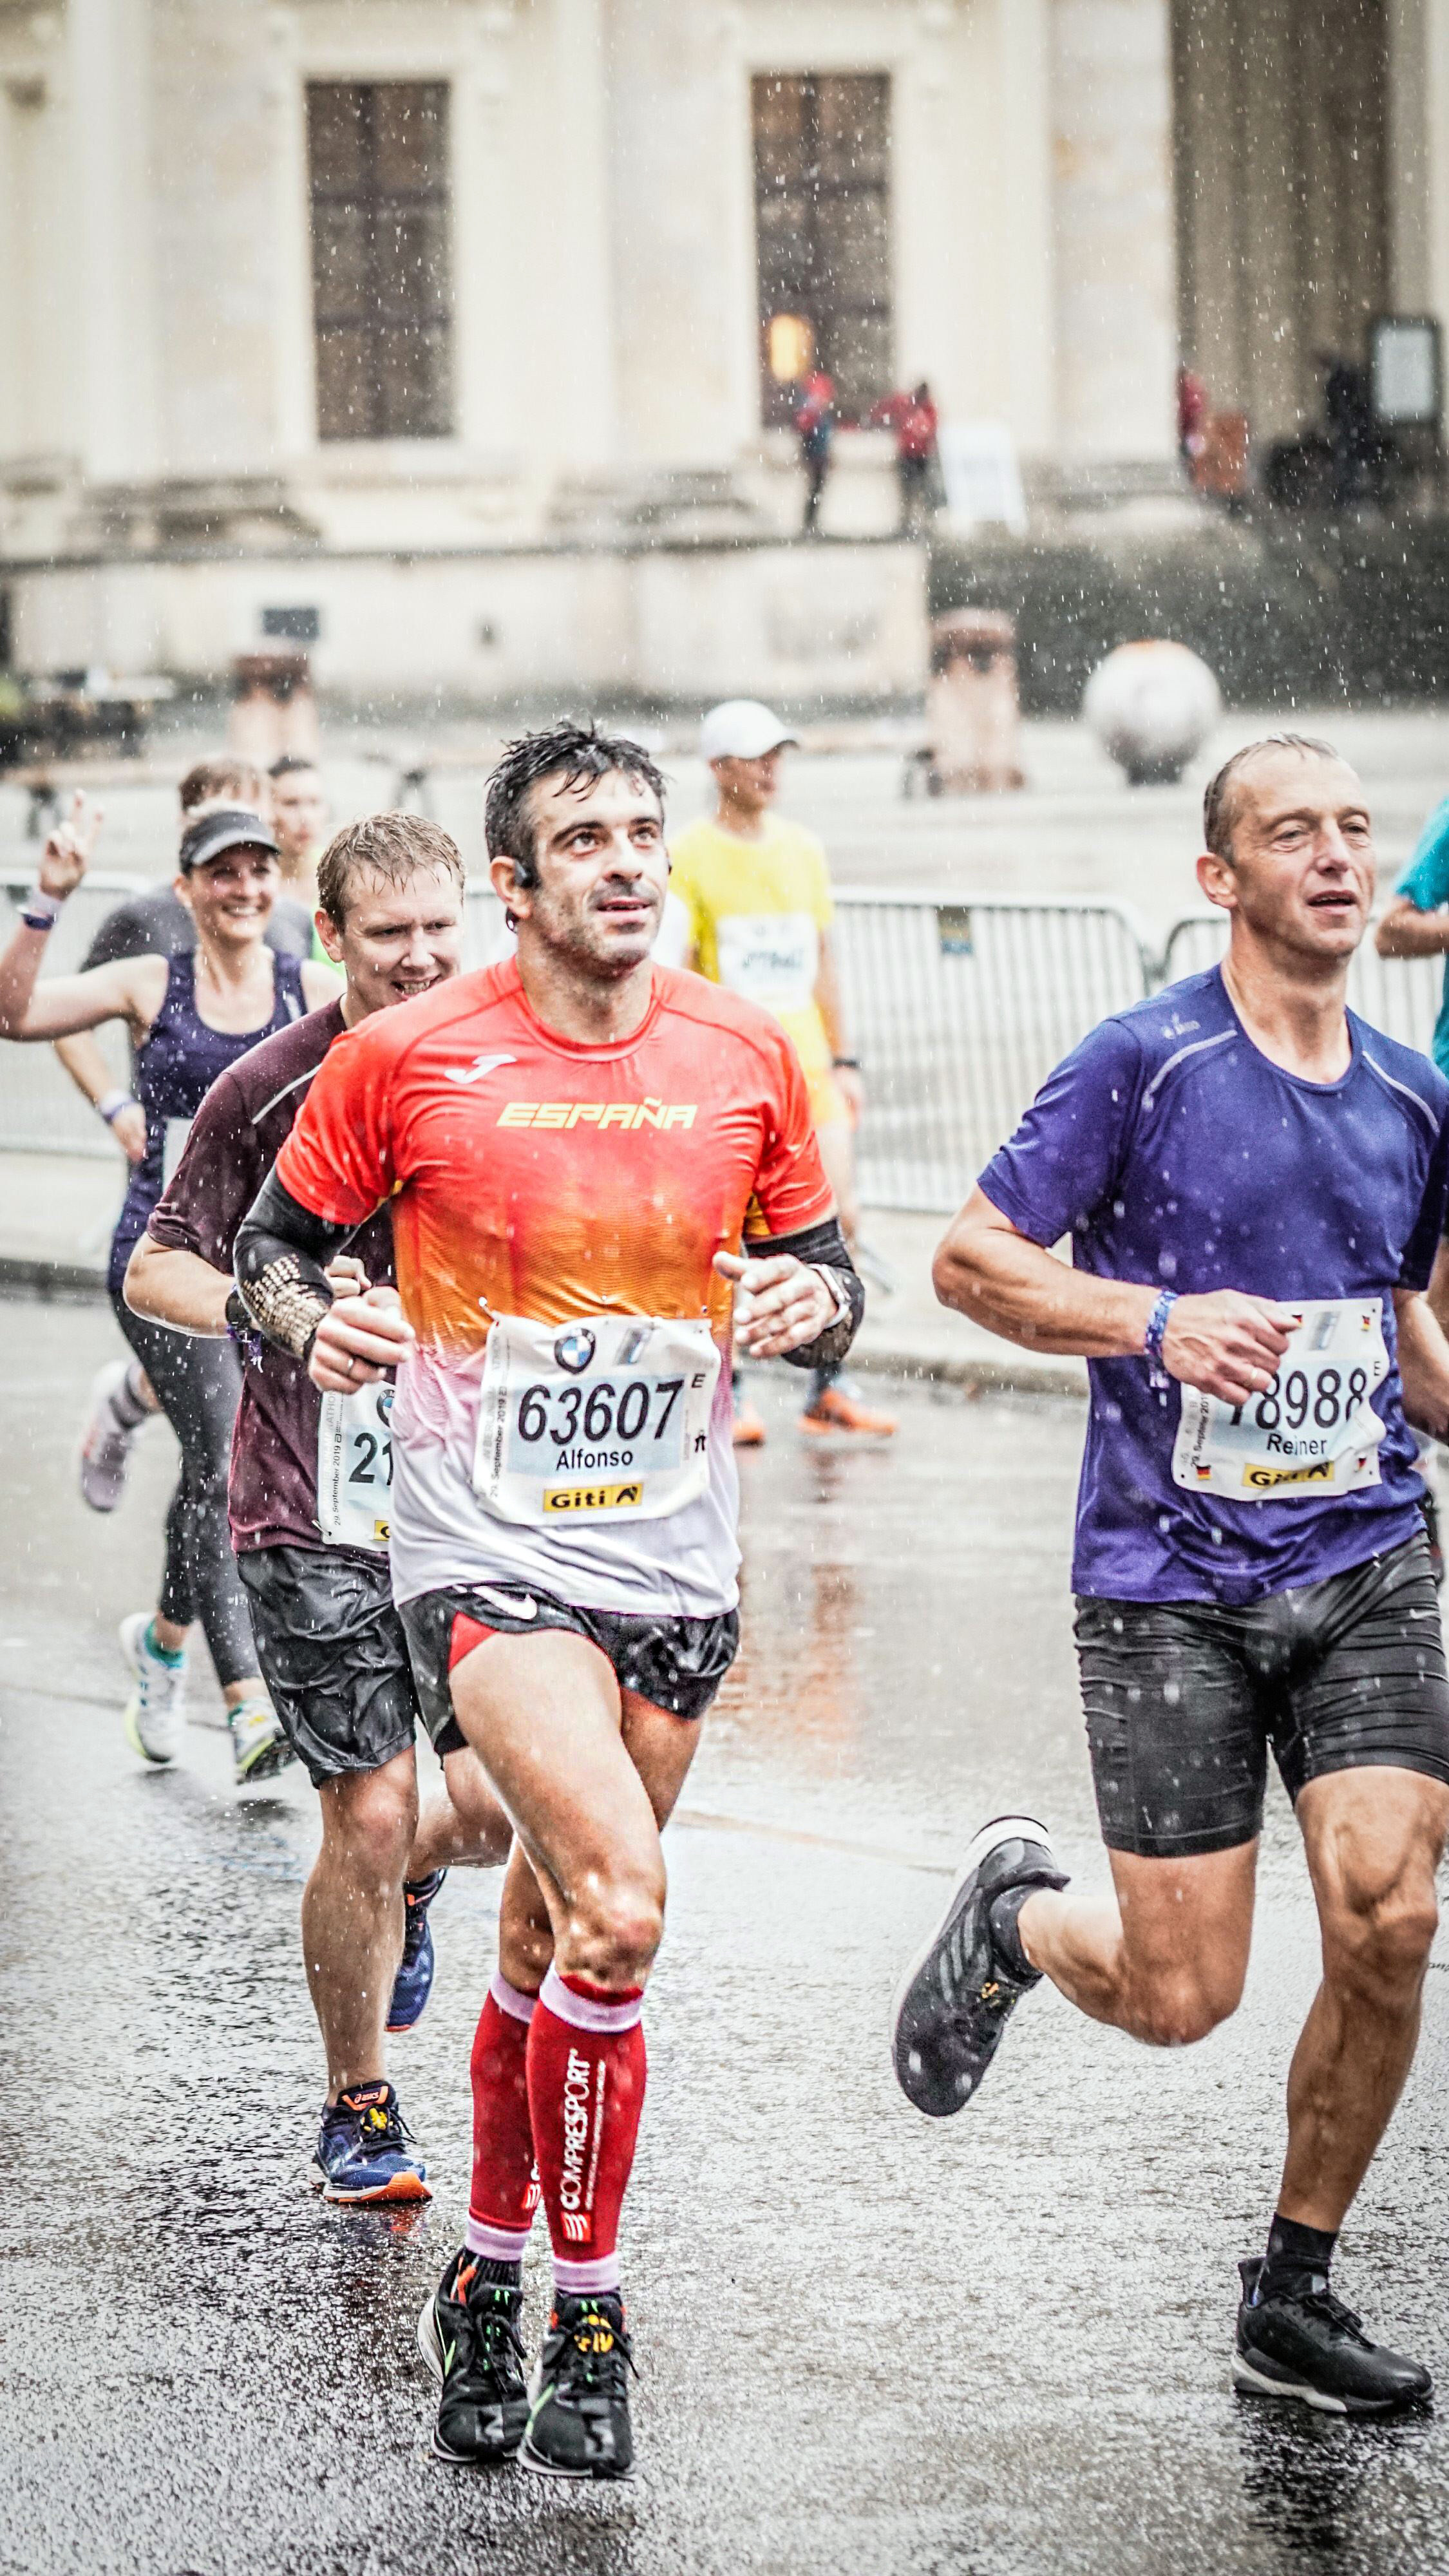 Correr el Maratón de Berlín - Berlin Marathon fotos photos - thewotme maratón de berlín - 49039072446 968cc82d61 4k - Correr el Maratón de Berlín: Análisis, recorrido, entrenamiento e inscripciones